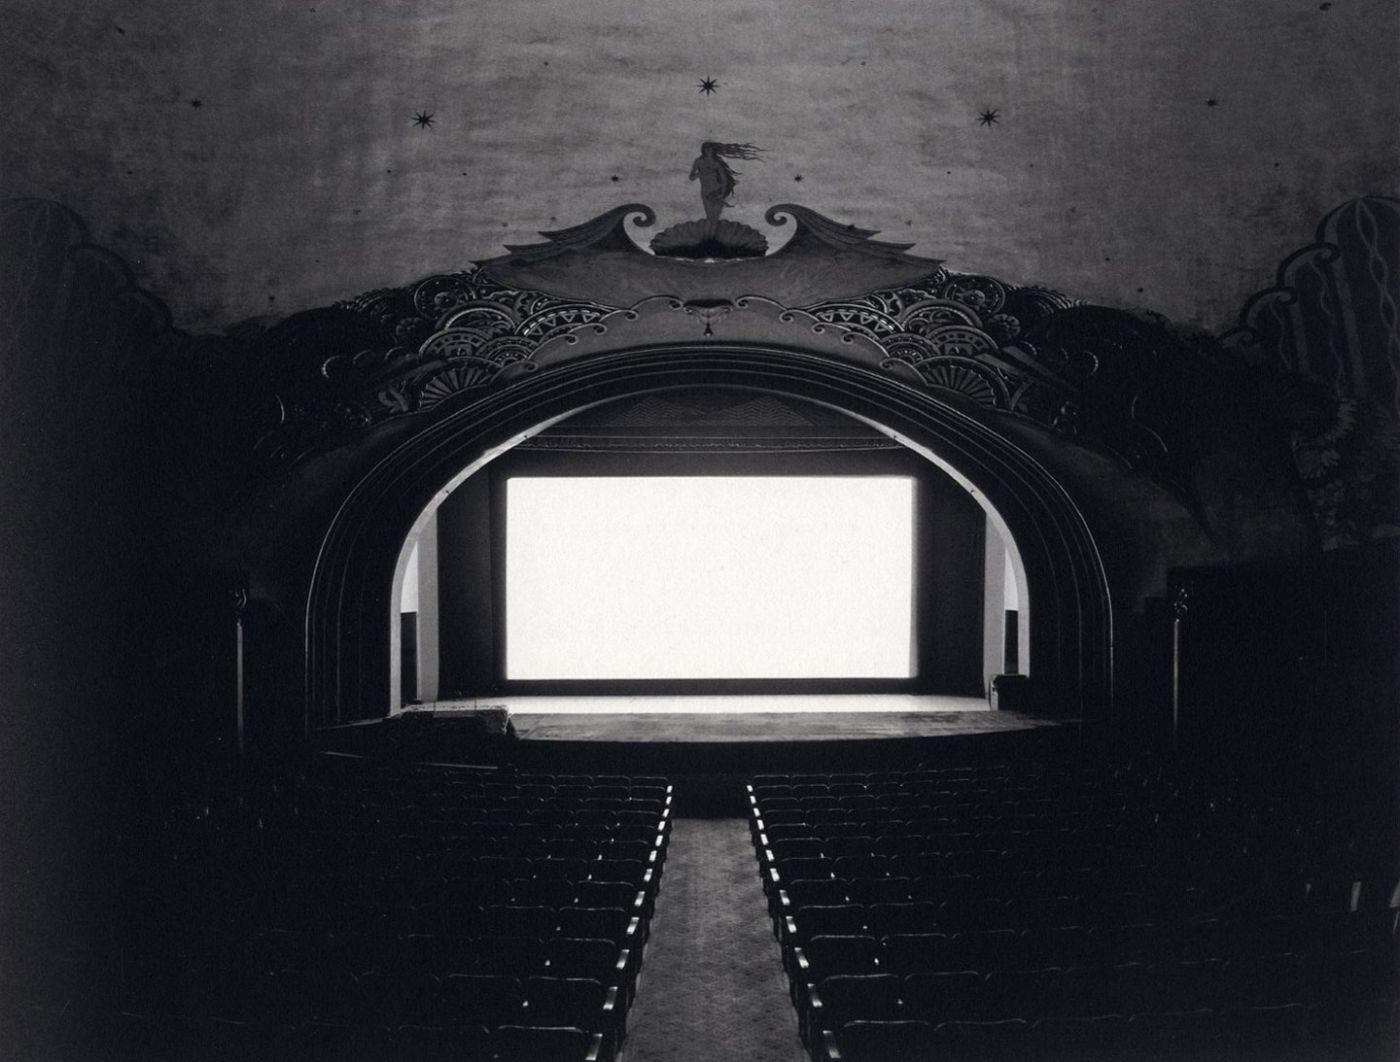 Hiroshi-Sugimoto-theater-movie